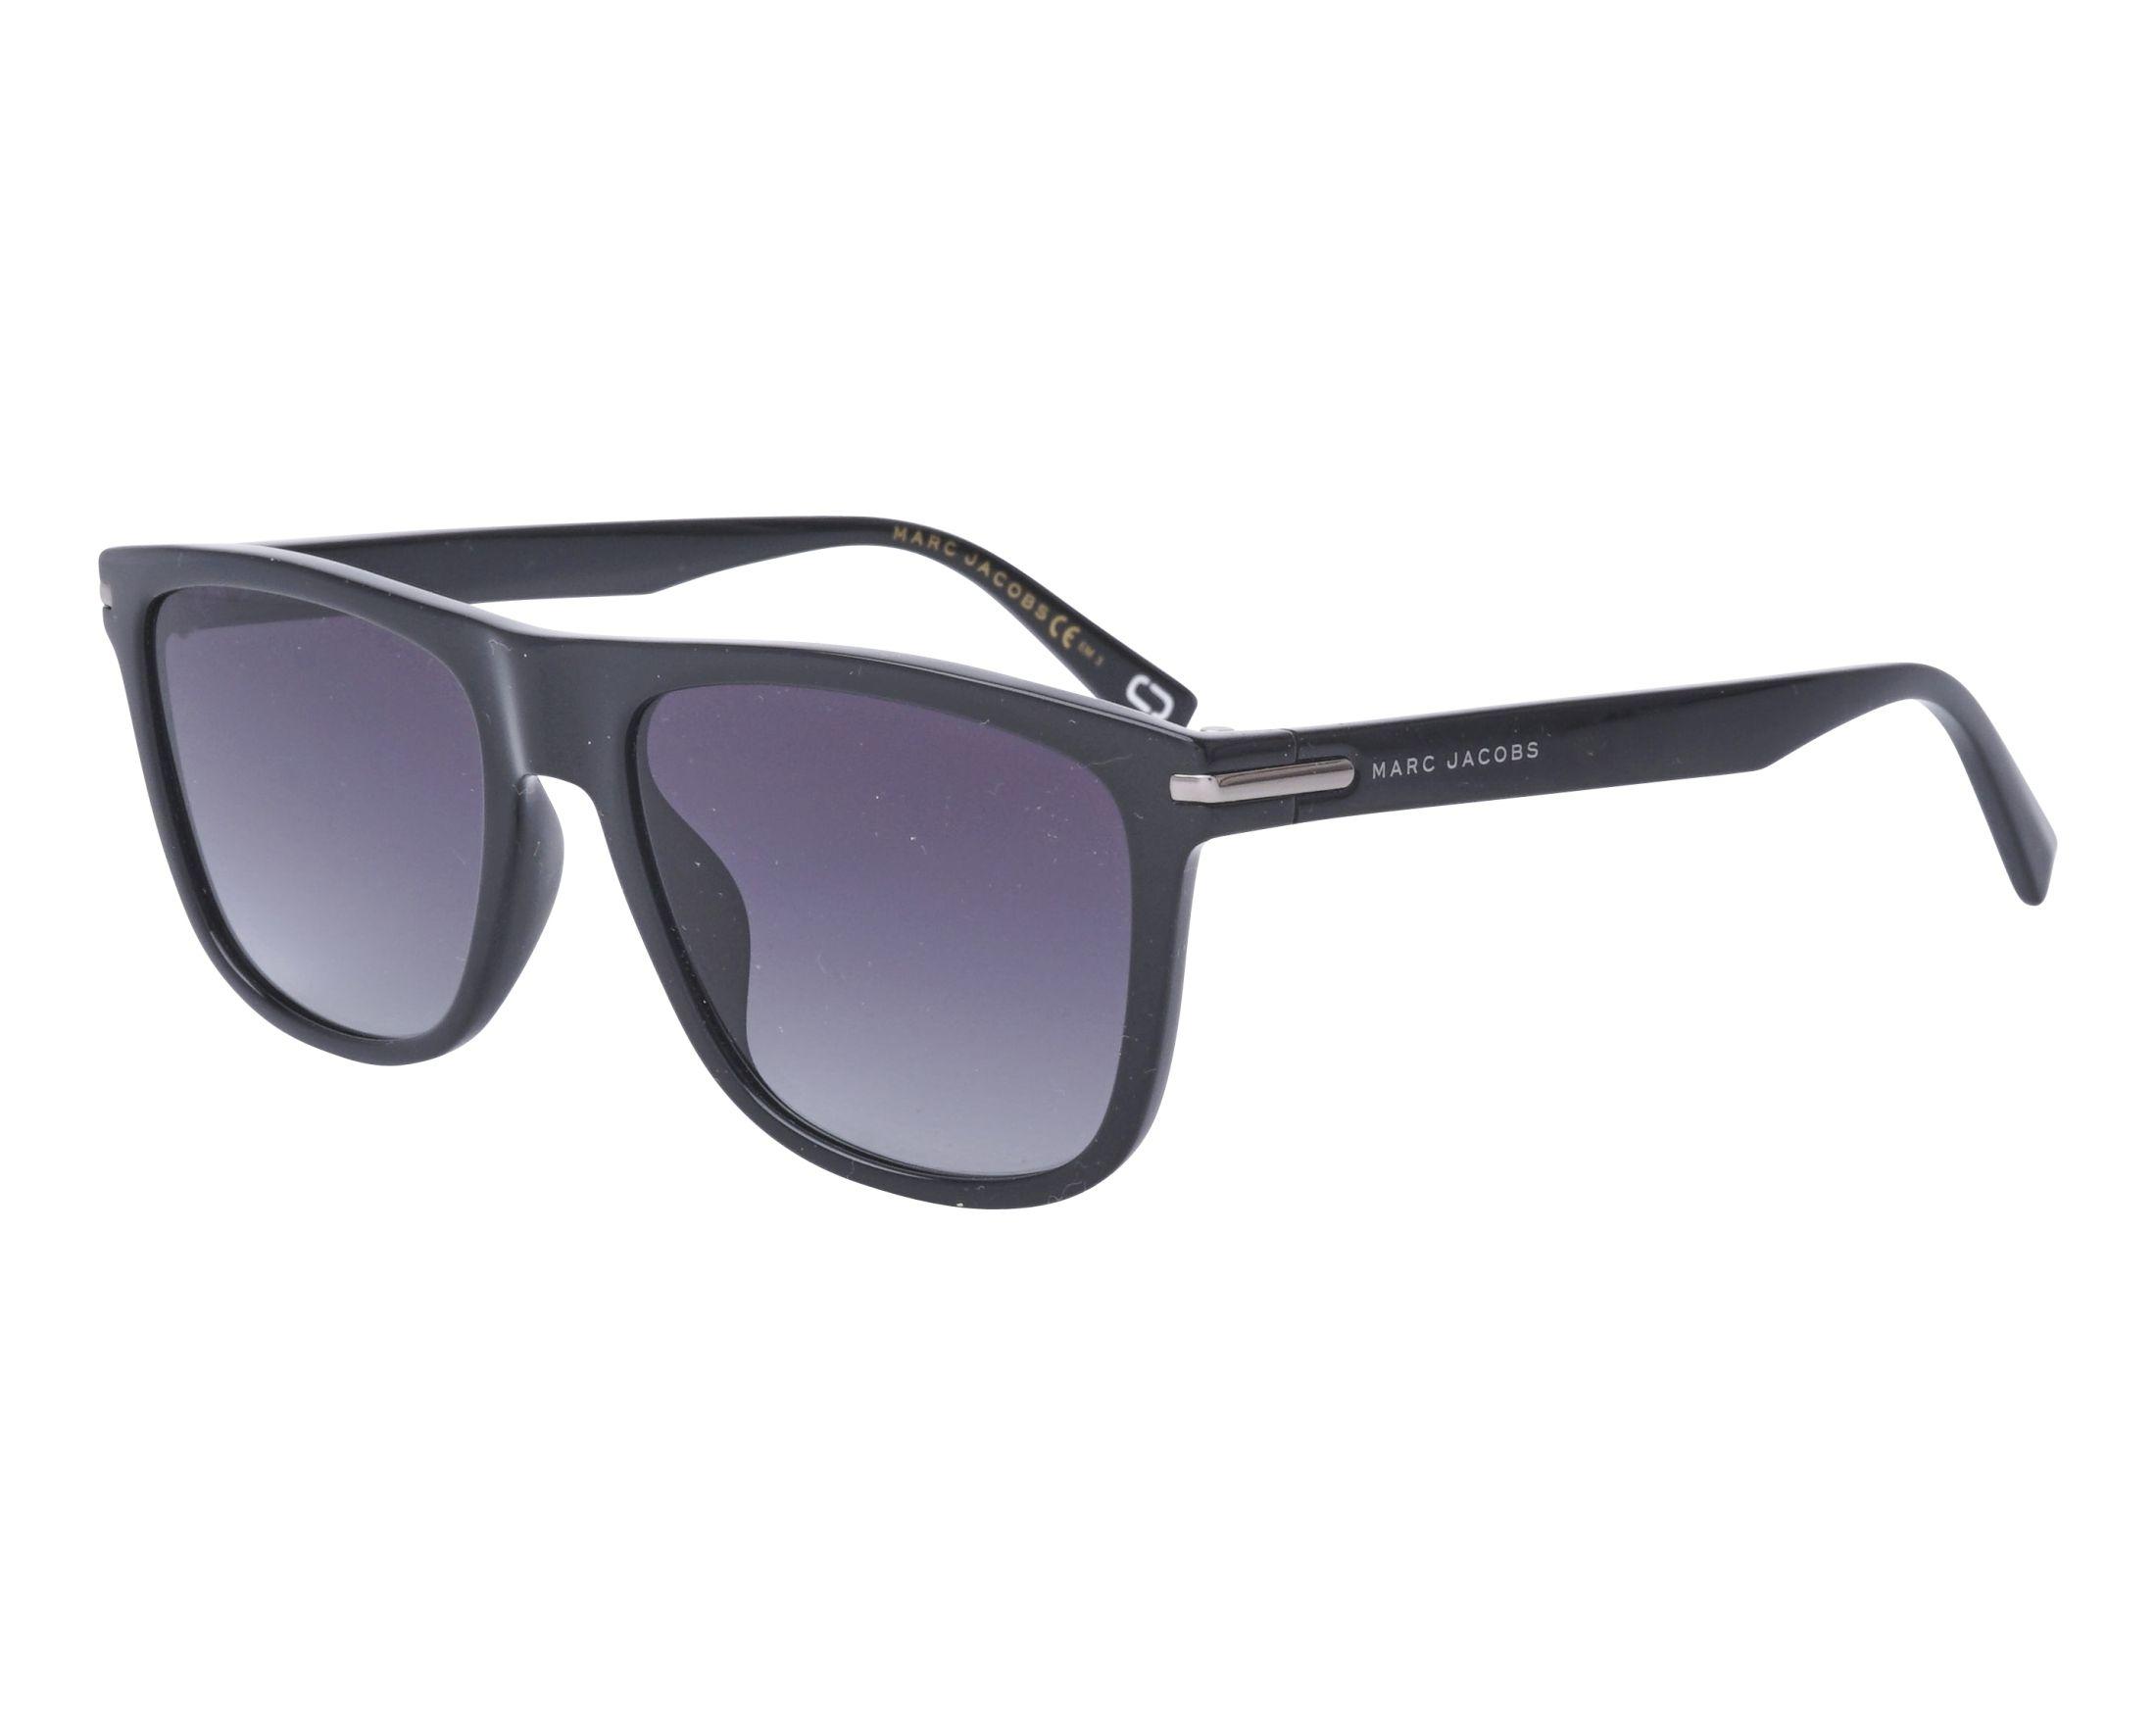 Image is loading Marc-Jacobs-MARC-221-S-Authentic-Designer-Sunglasses- 38e5e601d3cd